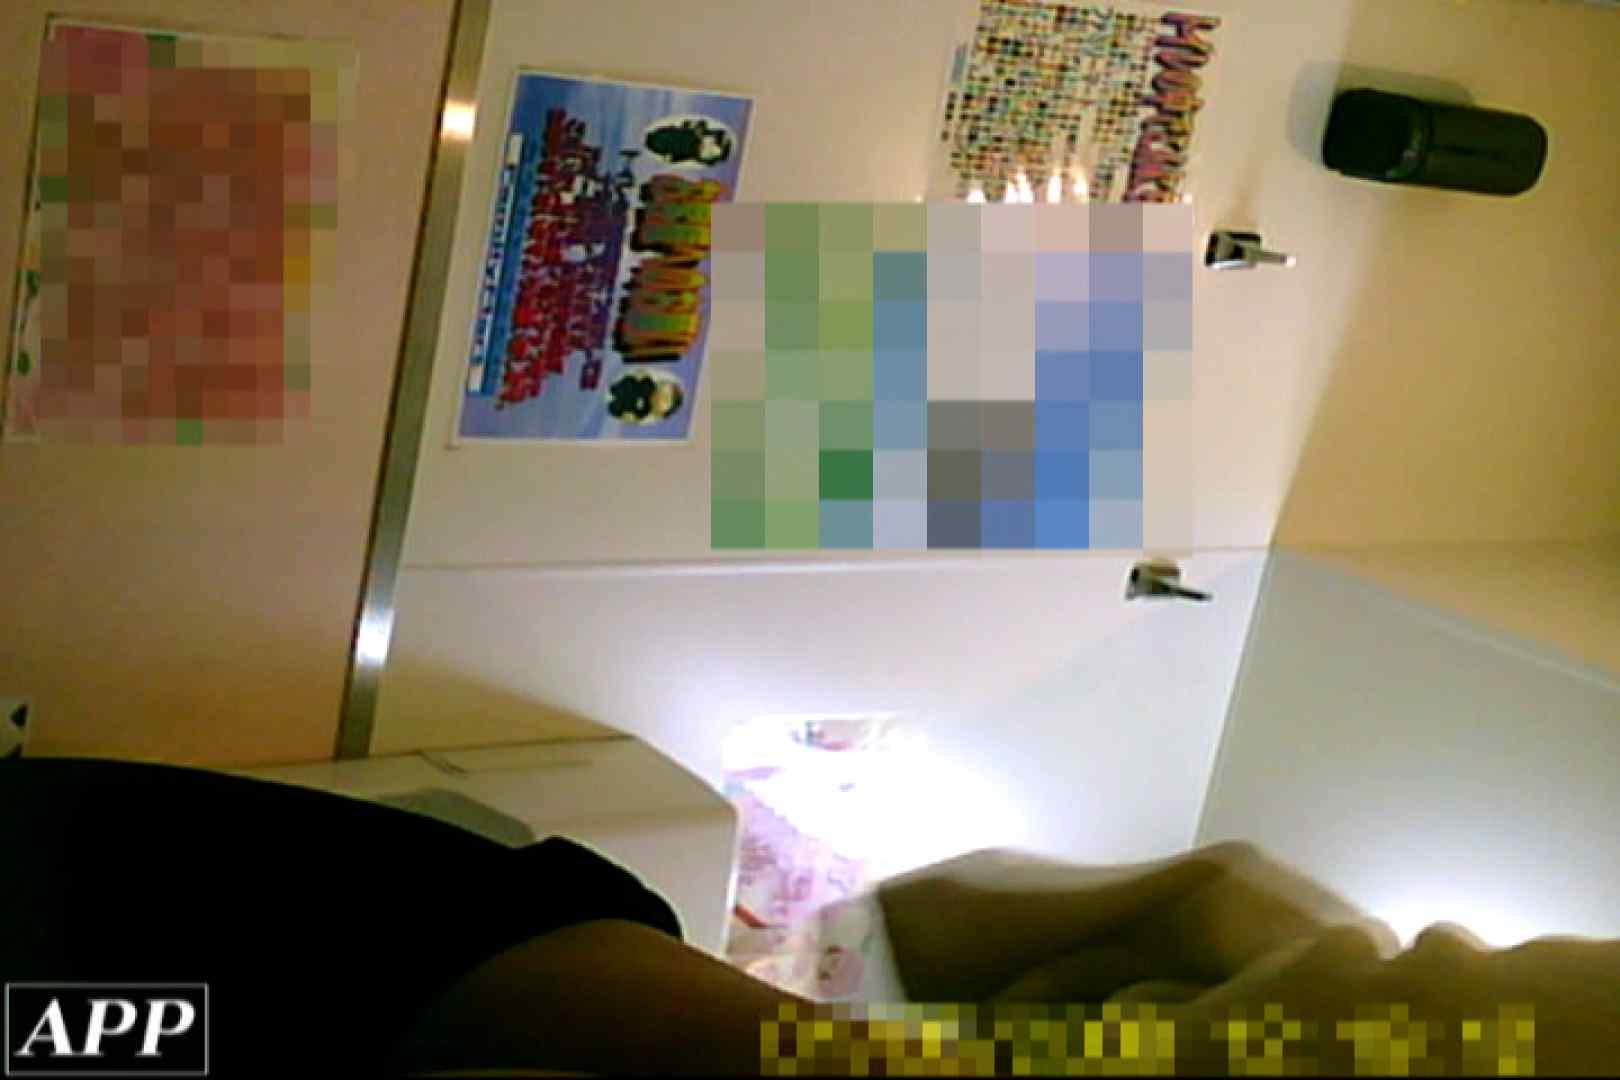 3視点洗面所 vol.37 OLのボディ オマンコ無修正動画無料 79PIX 26